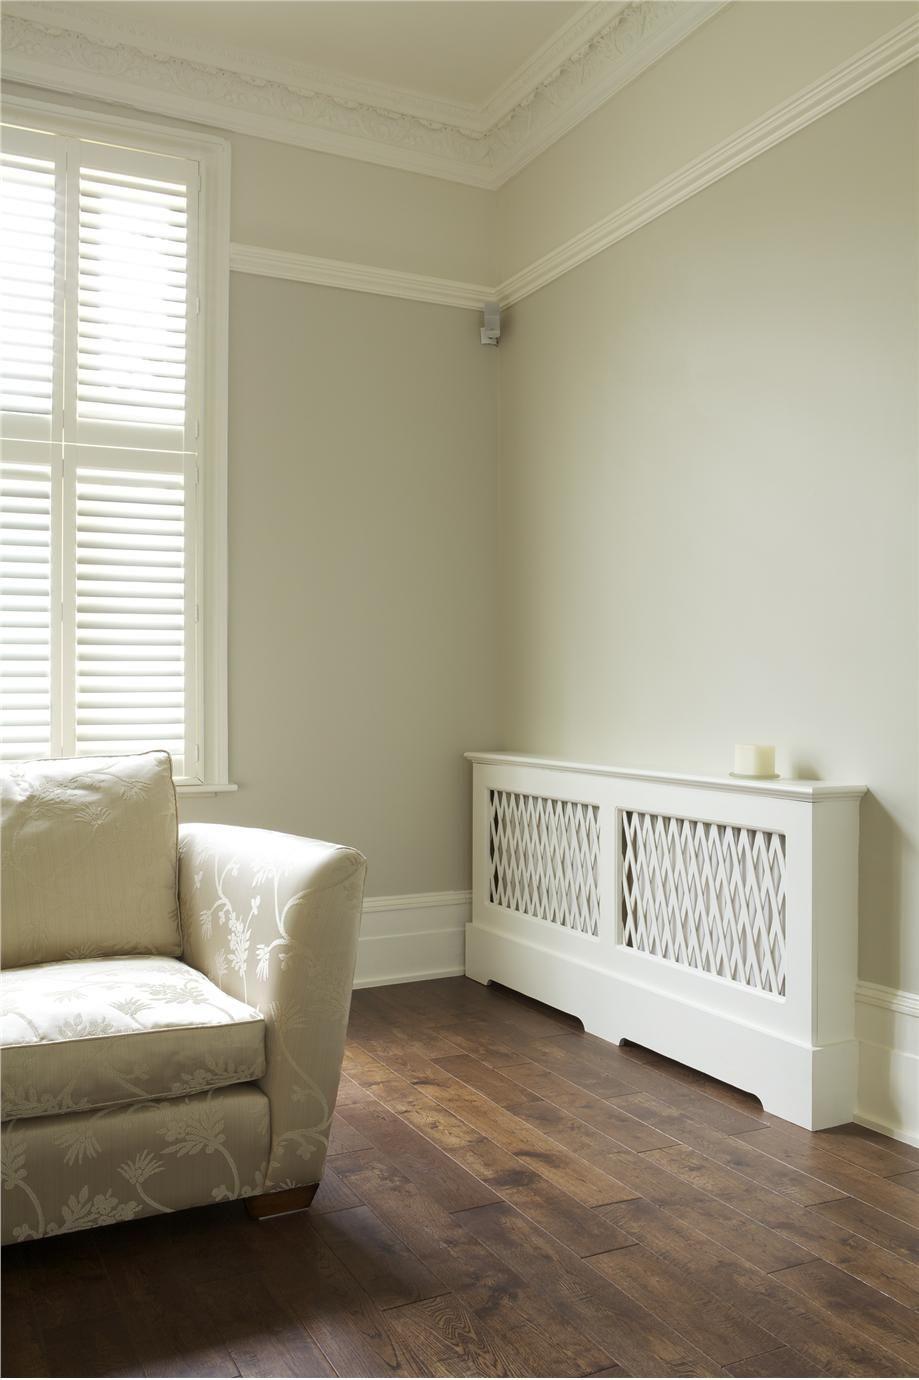 919 1380 bedroom pinterest schlafzimmer wohnzimmer und wandfarbe farbt ne. Black Bedroom Furniture Sets. Home Design Ideas